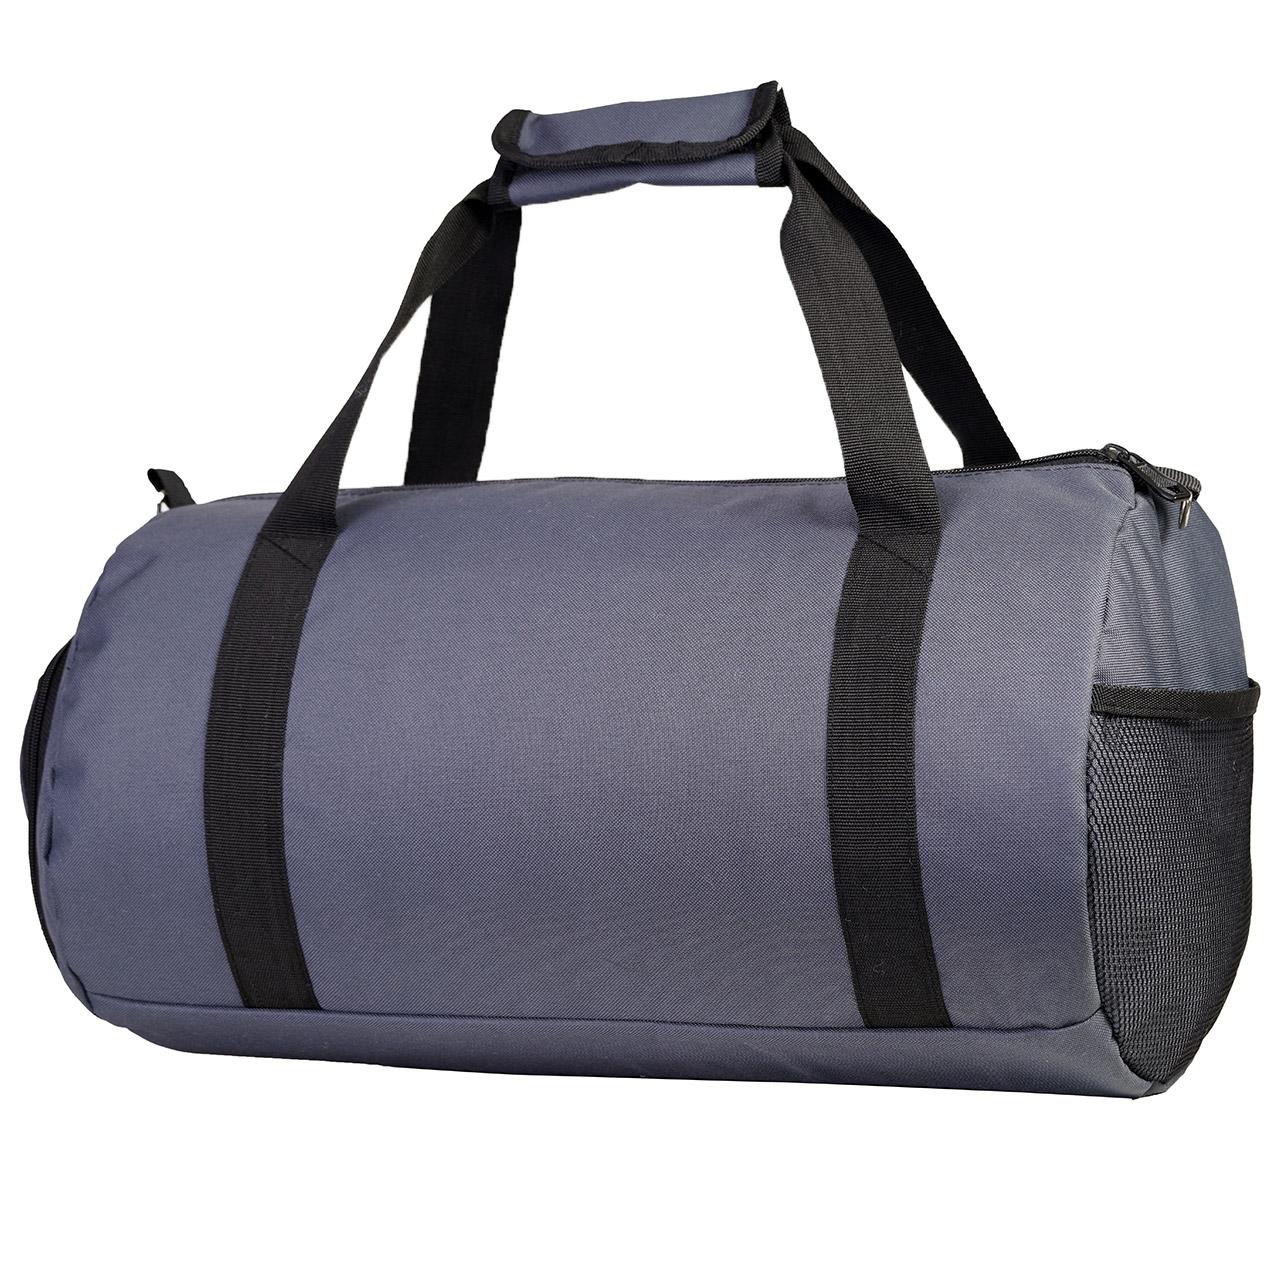 خرید                     کیف ورزشی گرانیت مدل Duffel